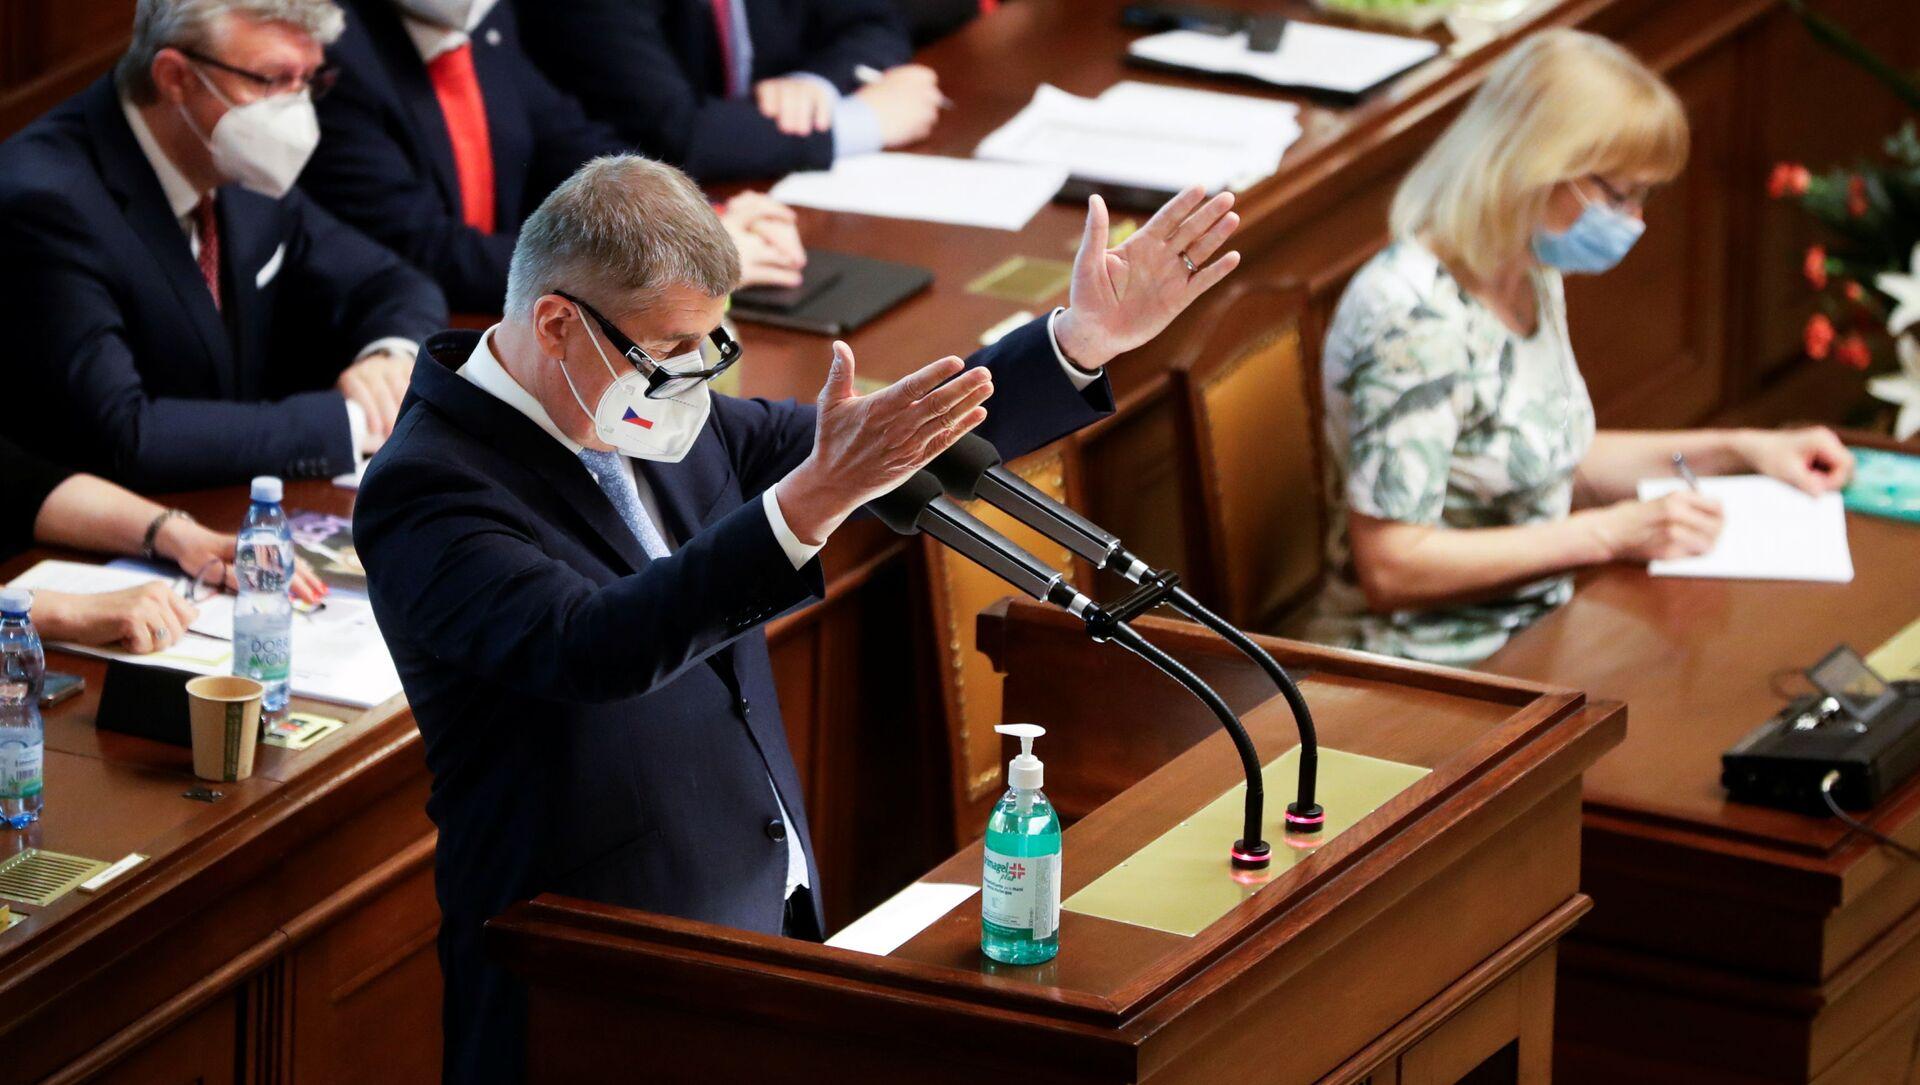 Premier Czech Andrej Babiš przemawia na posiedzeniu parlamentu w Pradze - Sputnik Polska, 1920, 04.06.2021